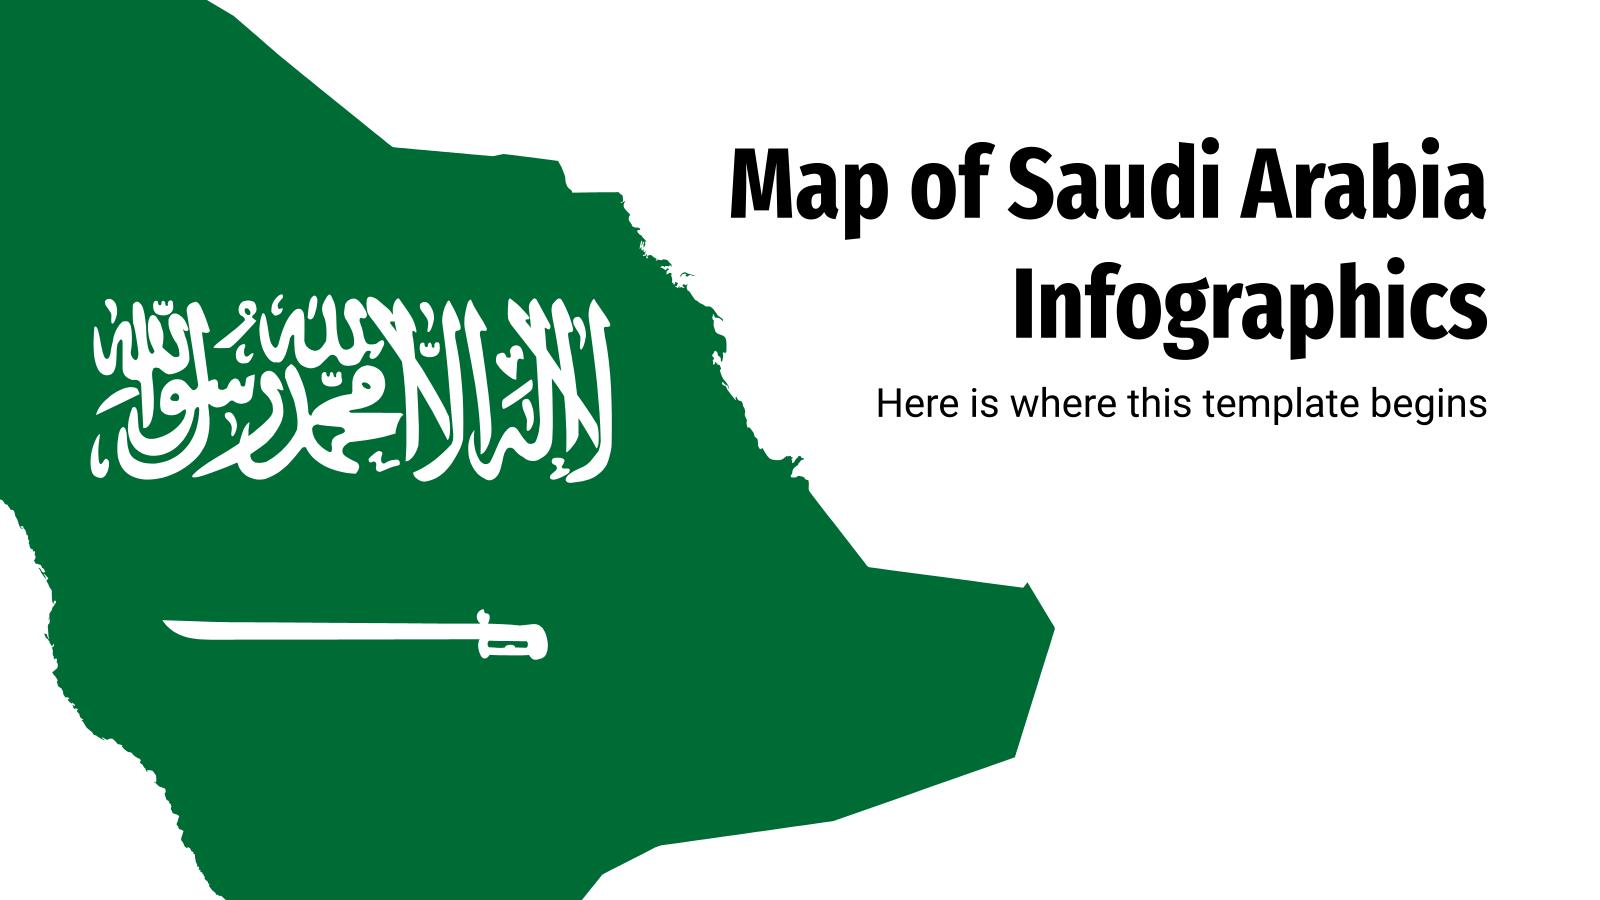 Plantilla de presentación Infografías de Arabia Saudí